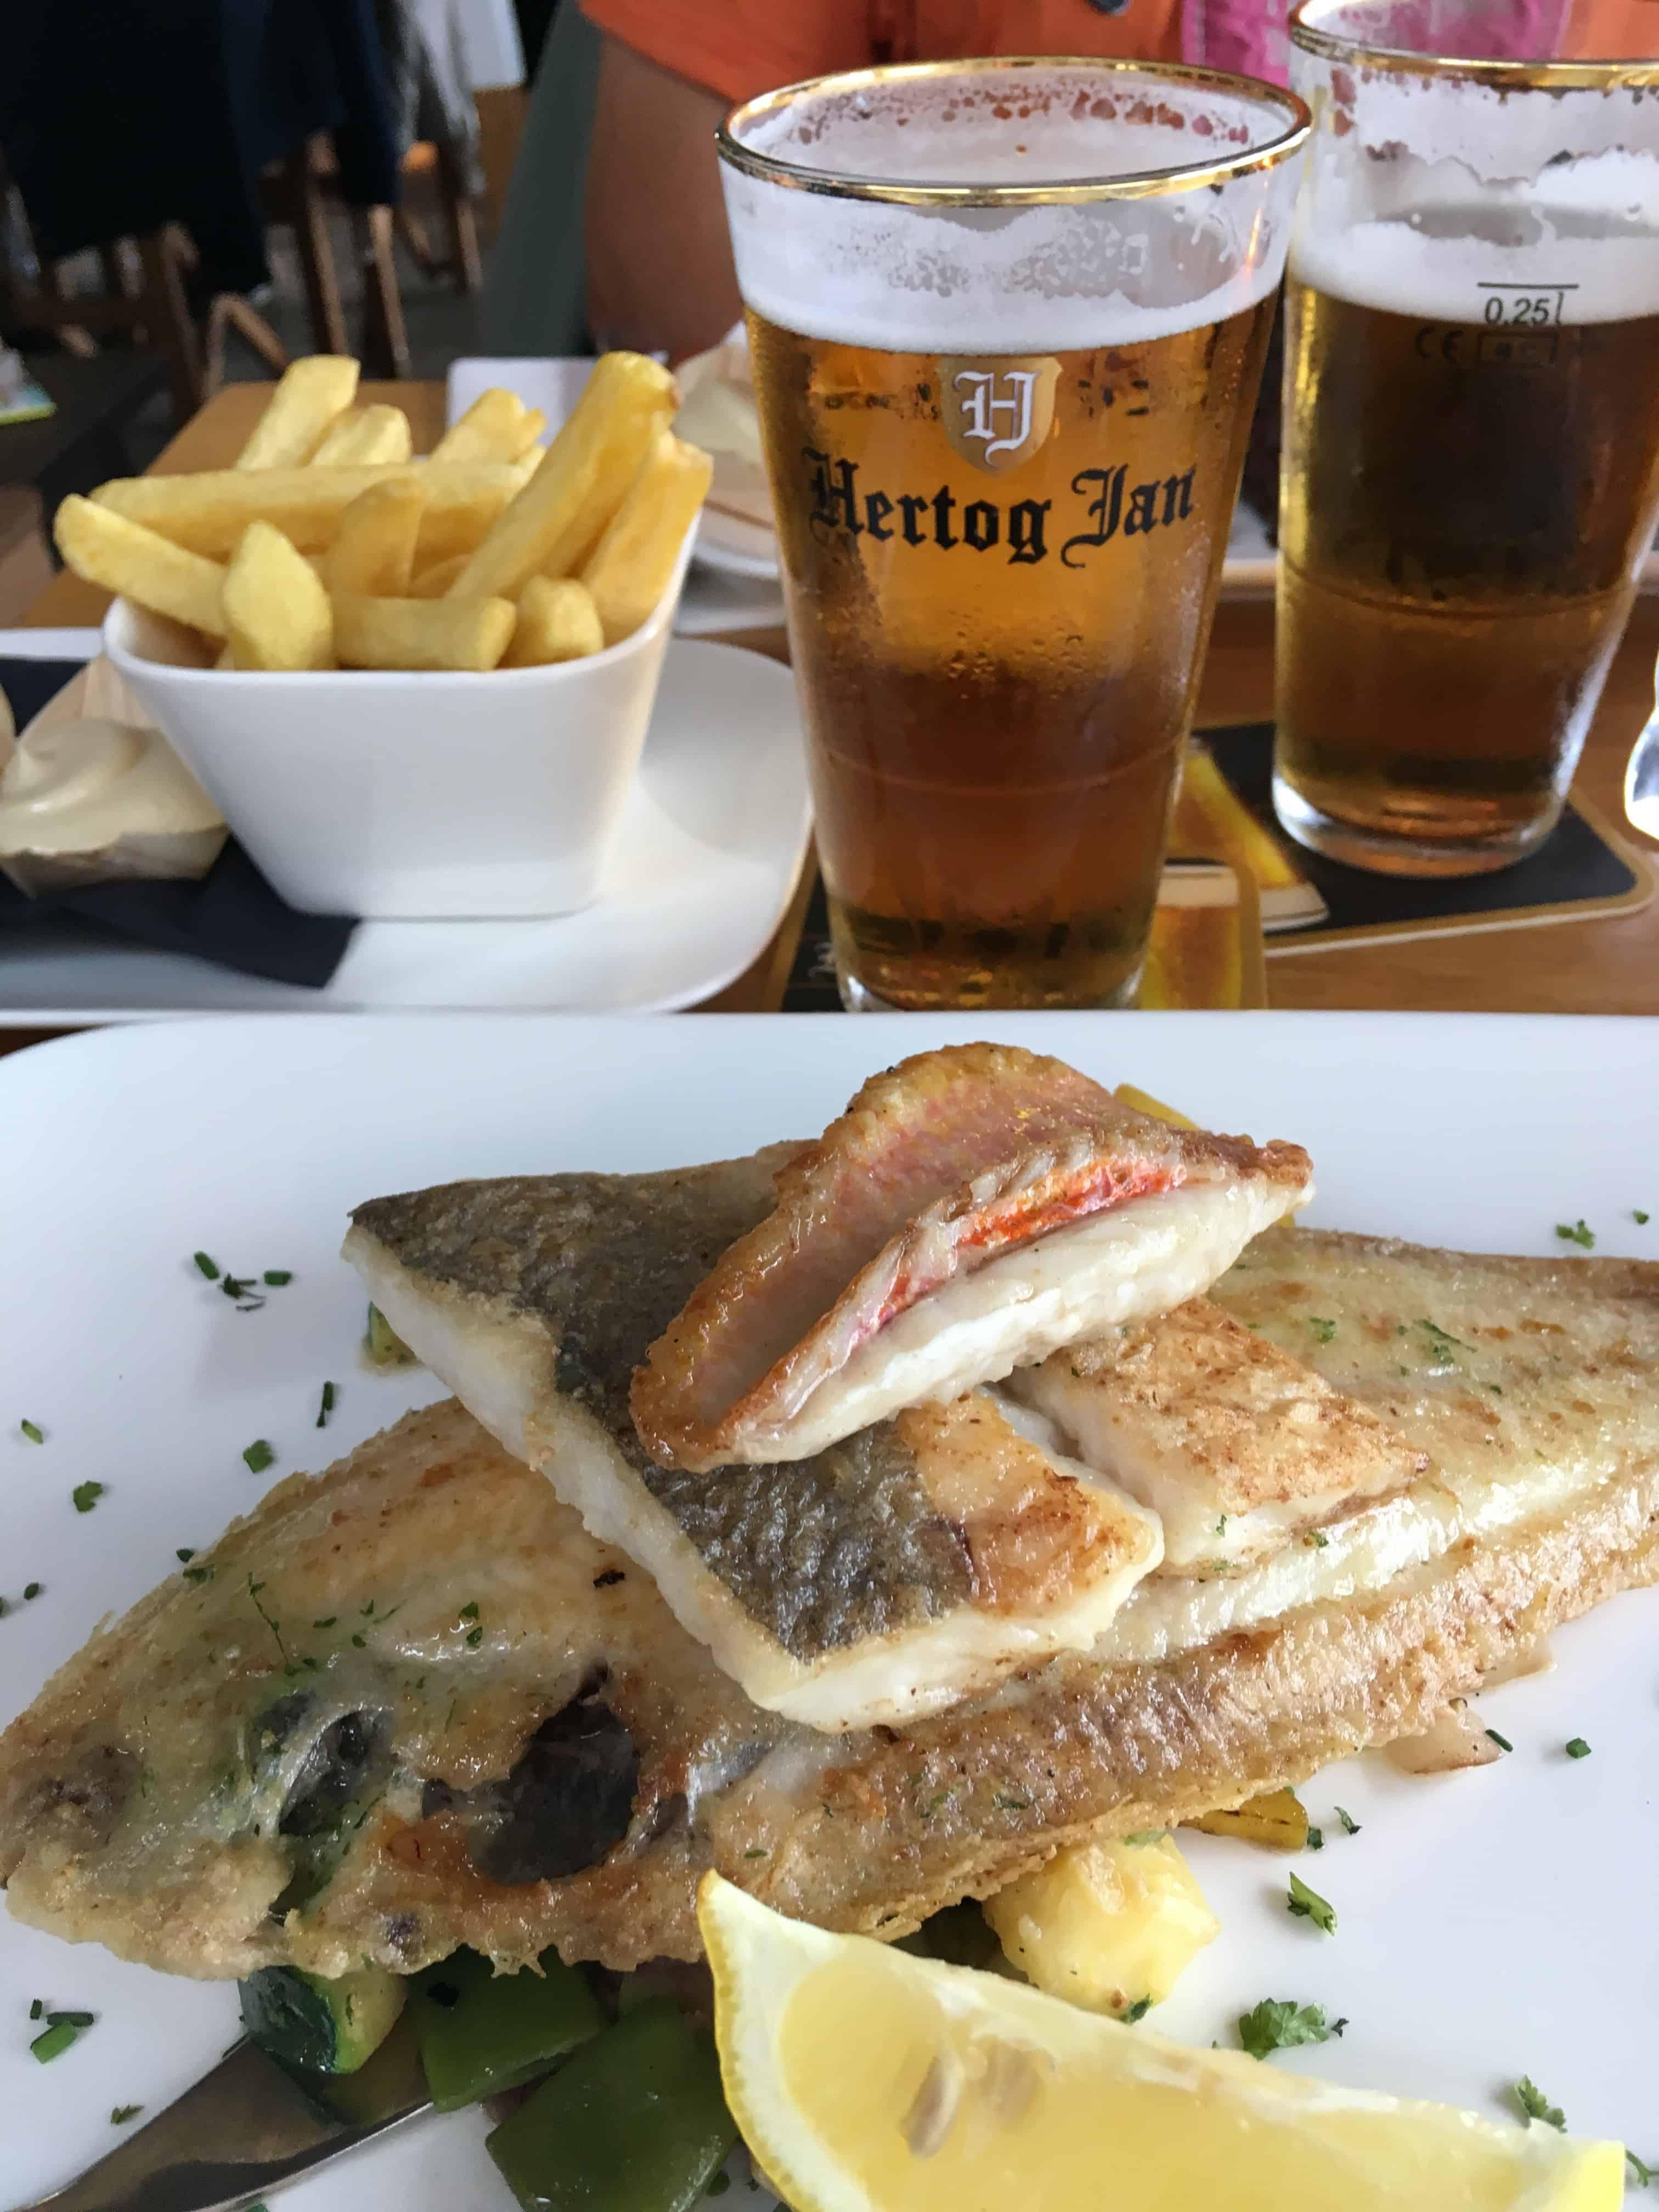 Vi spiste meget fisk - og lige en tanke til en gammel ven med Hertog Jan øllen!